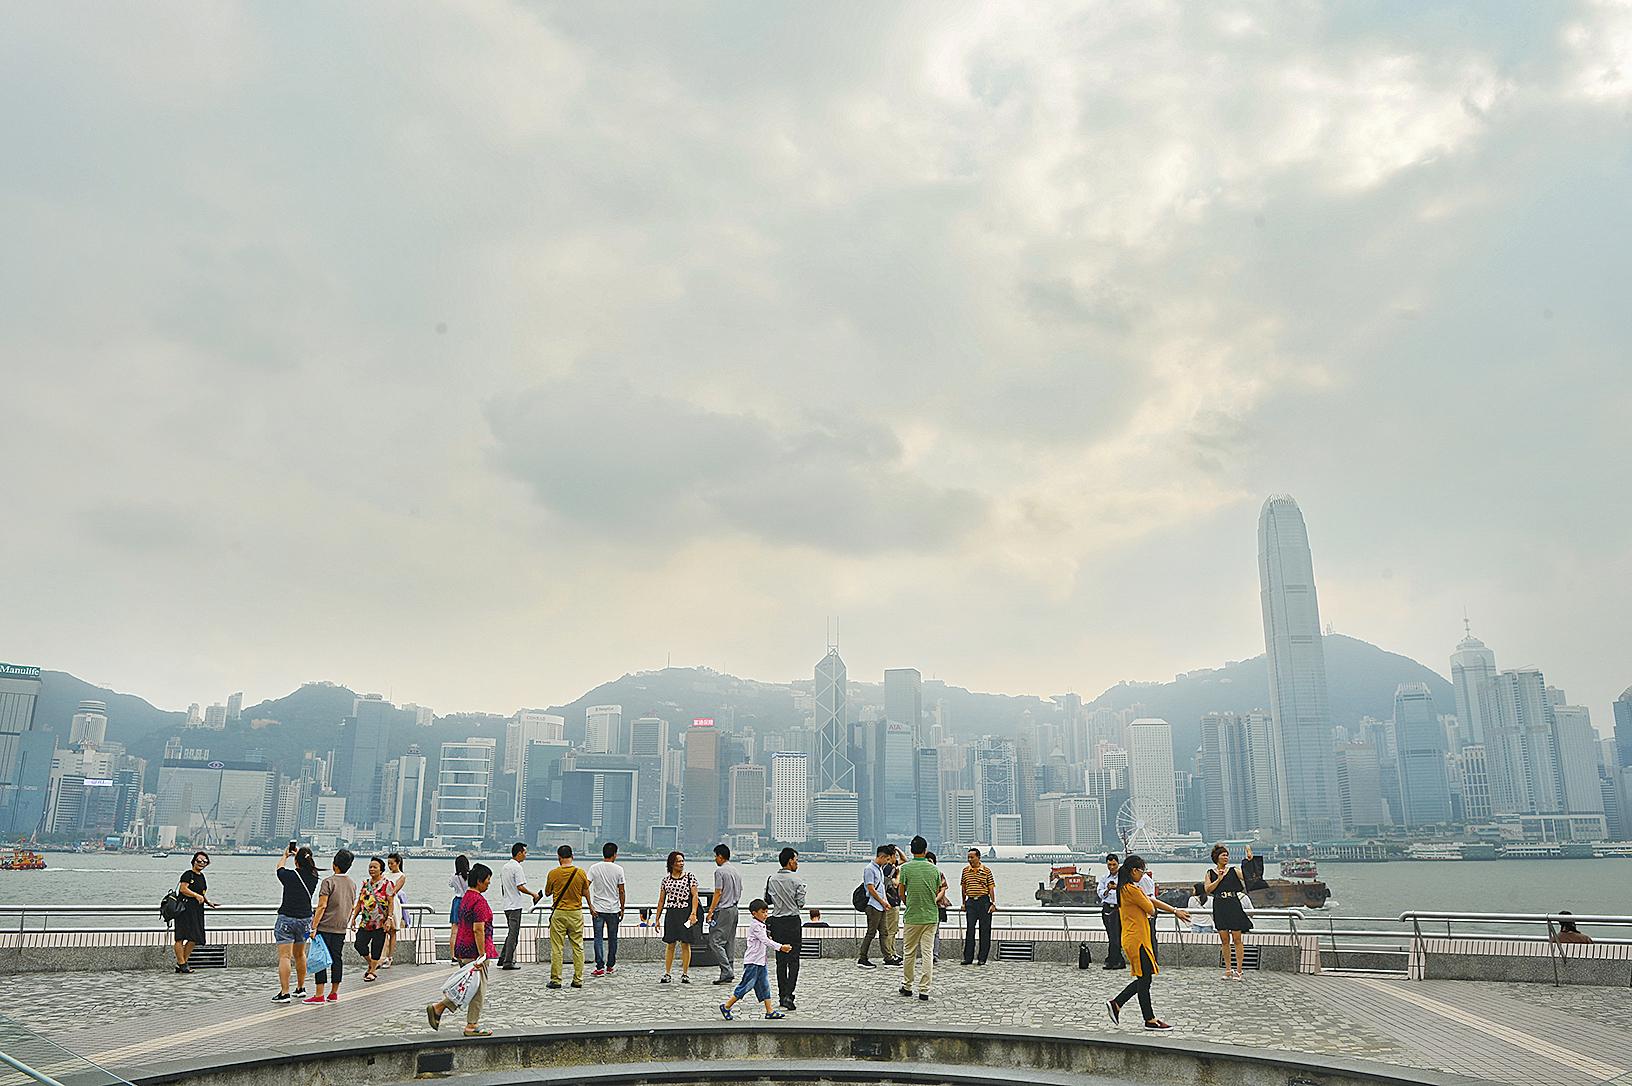 世界經濟論壇最新公佈的報告指,香港在全球138個經濟體中排名第9,較去年下跌兩位。(大紀元資料圖片)